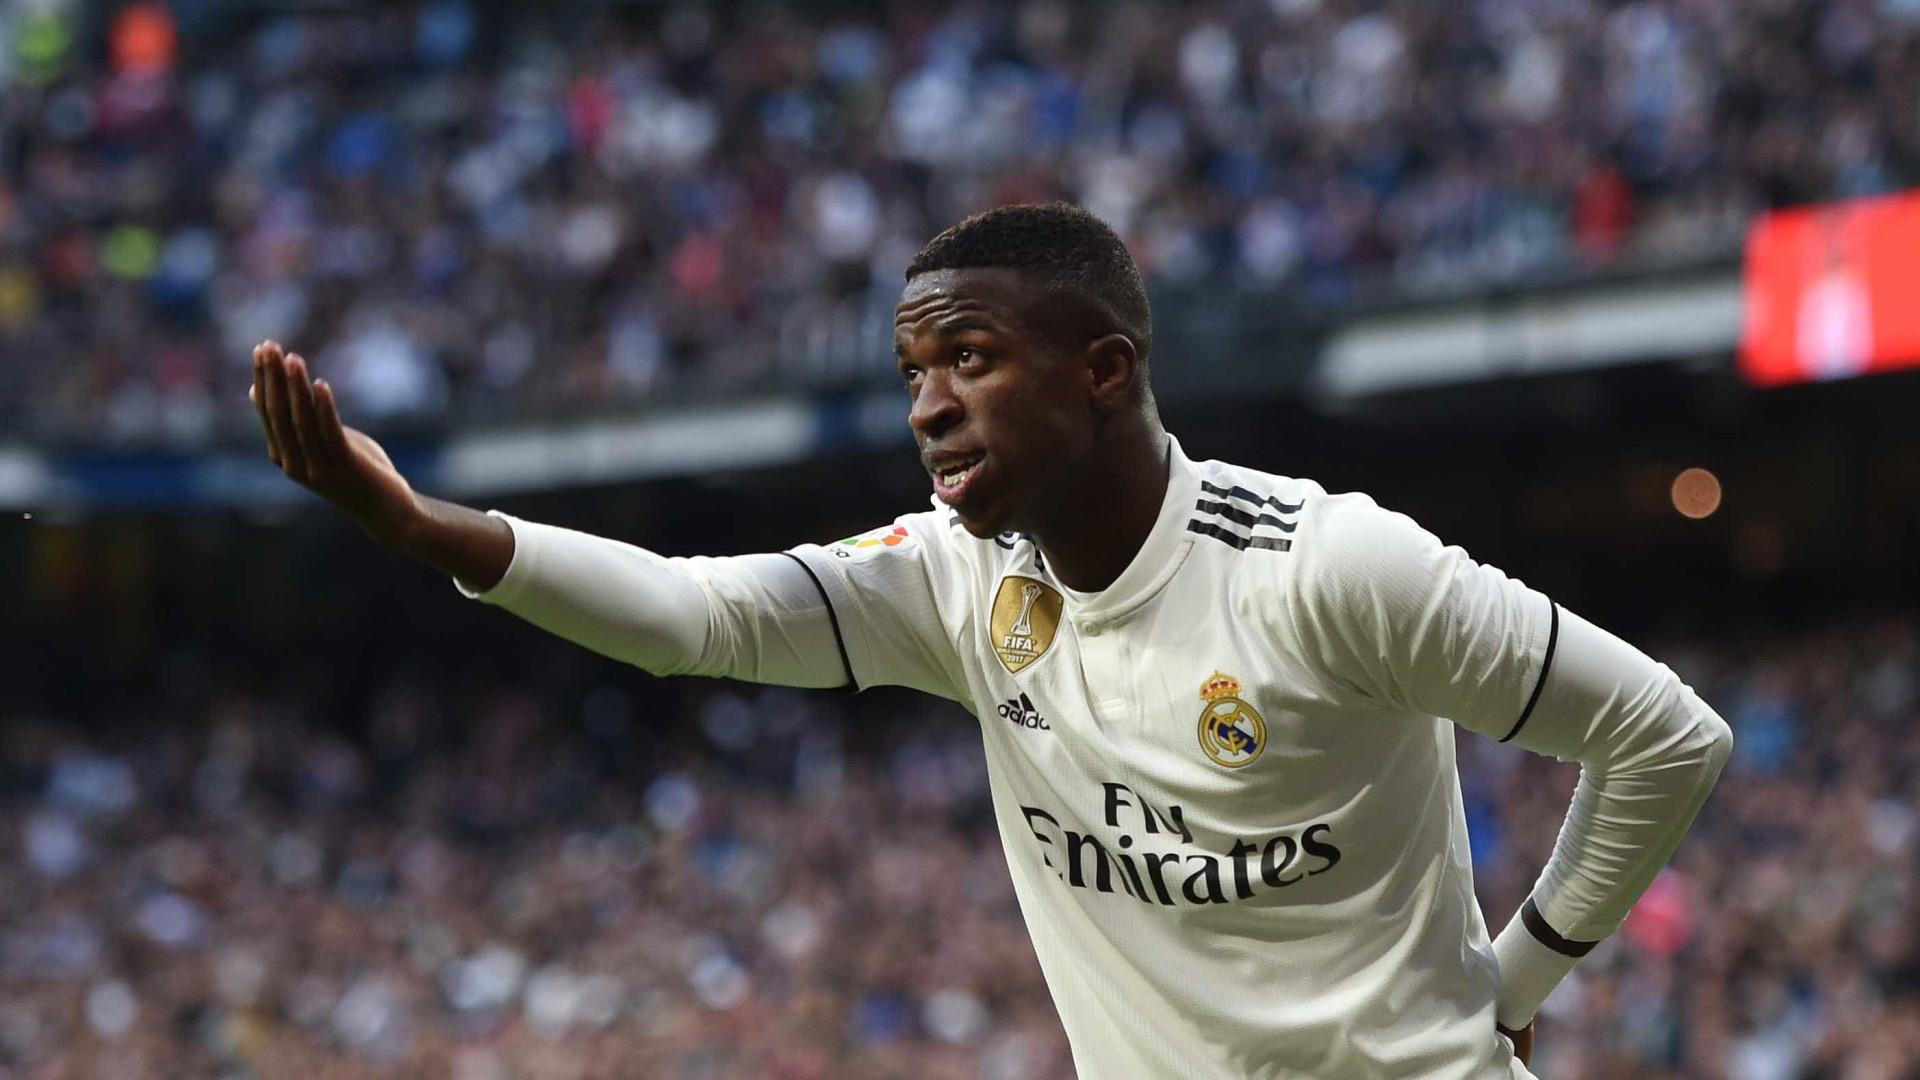 Jornal espanhol sugere Vinícius Júnior como titular no lugar de Bale